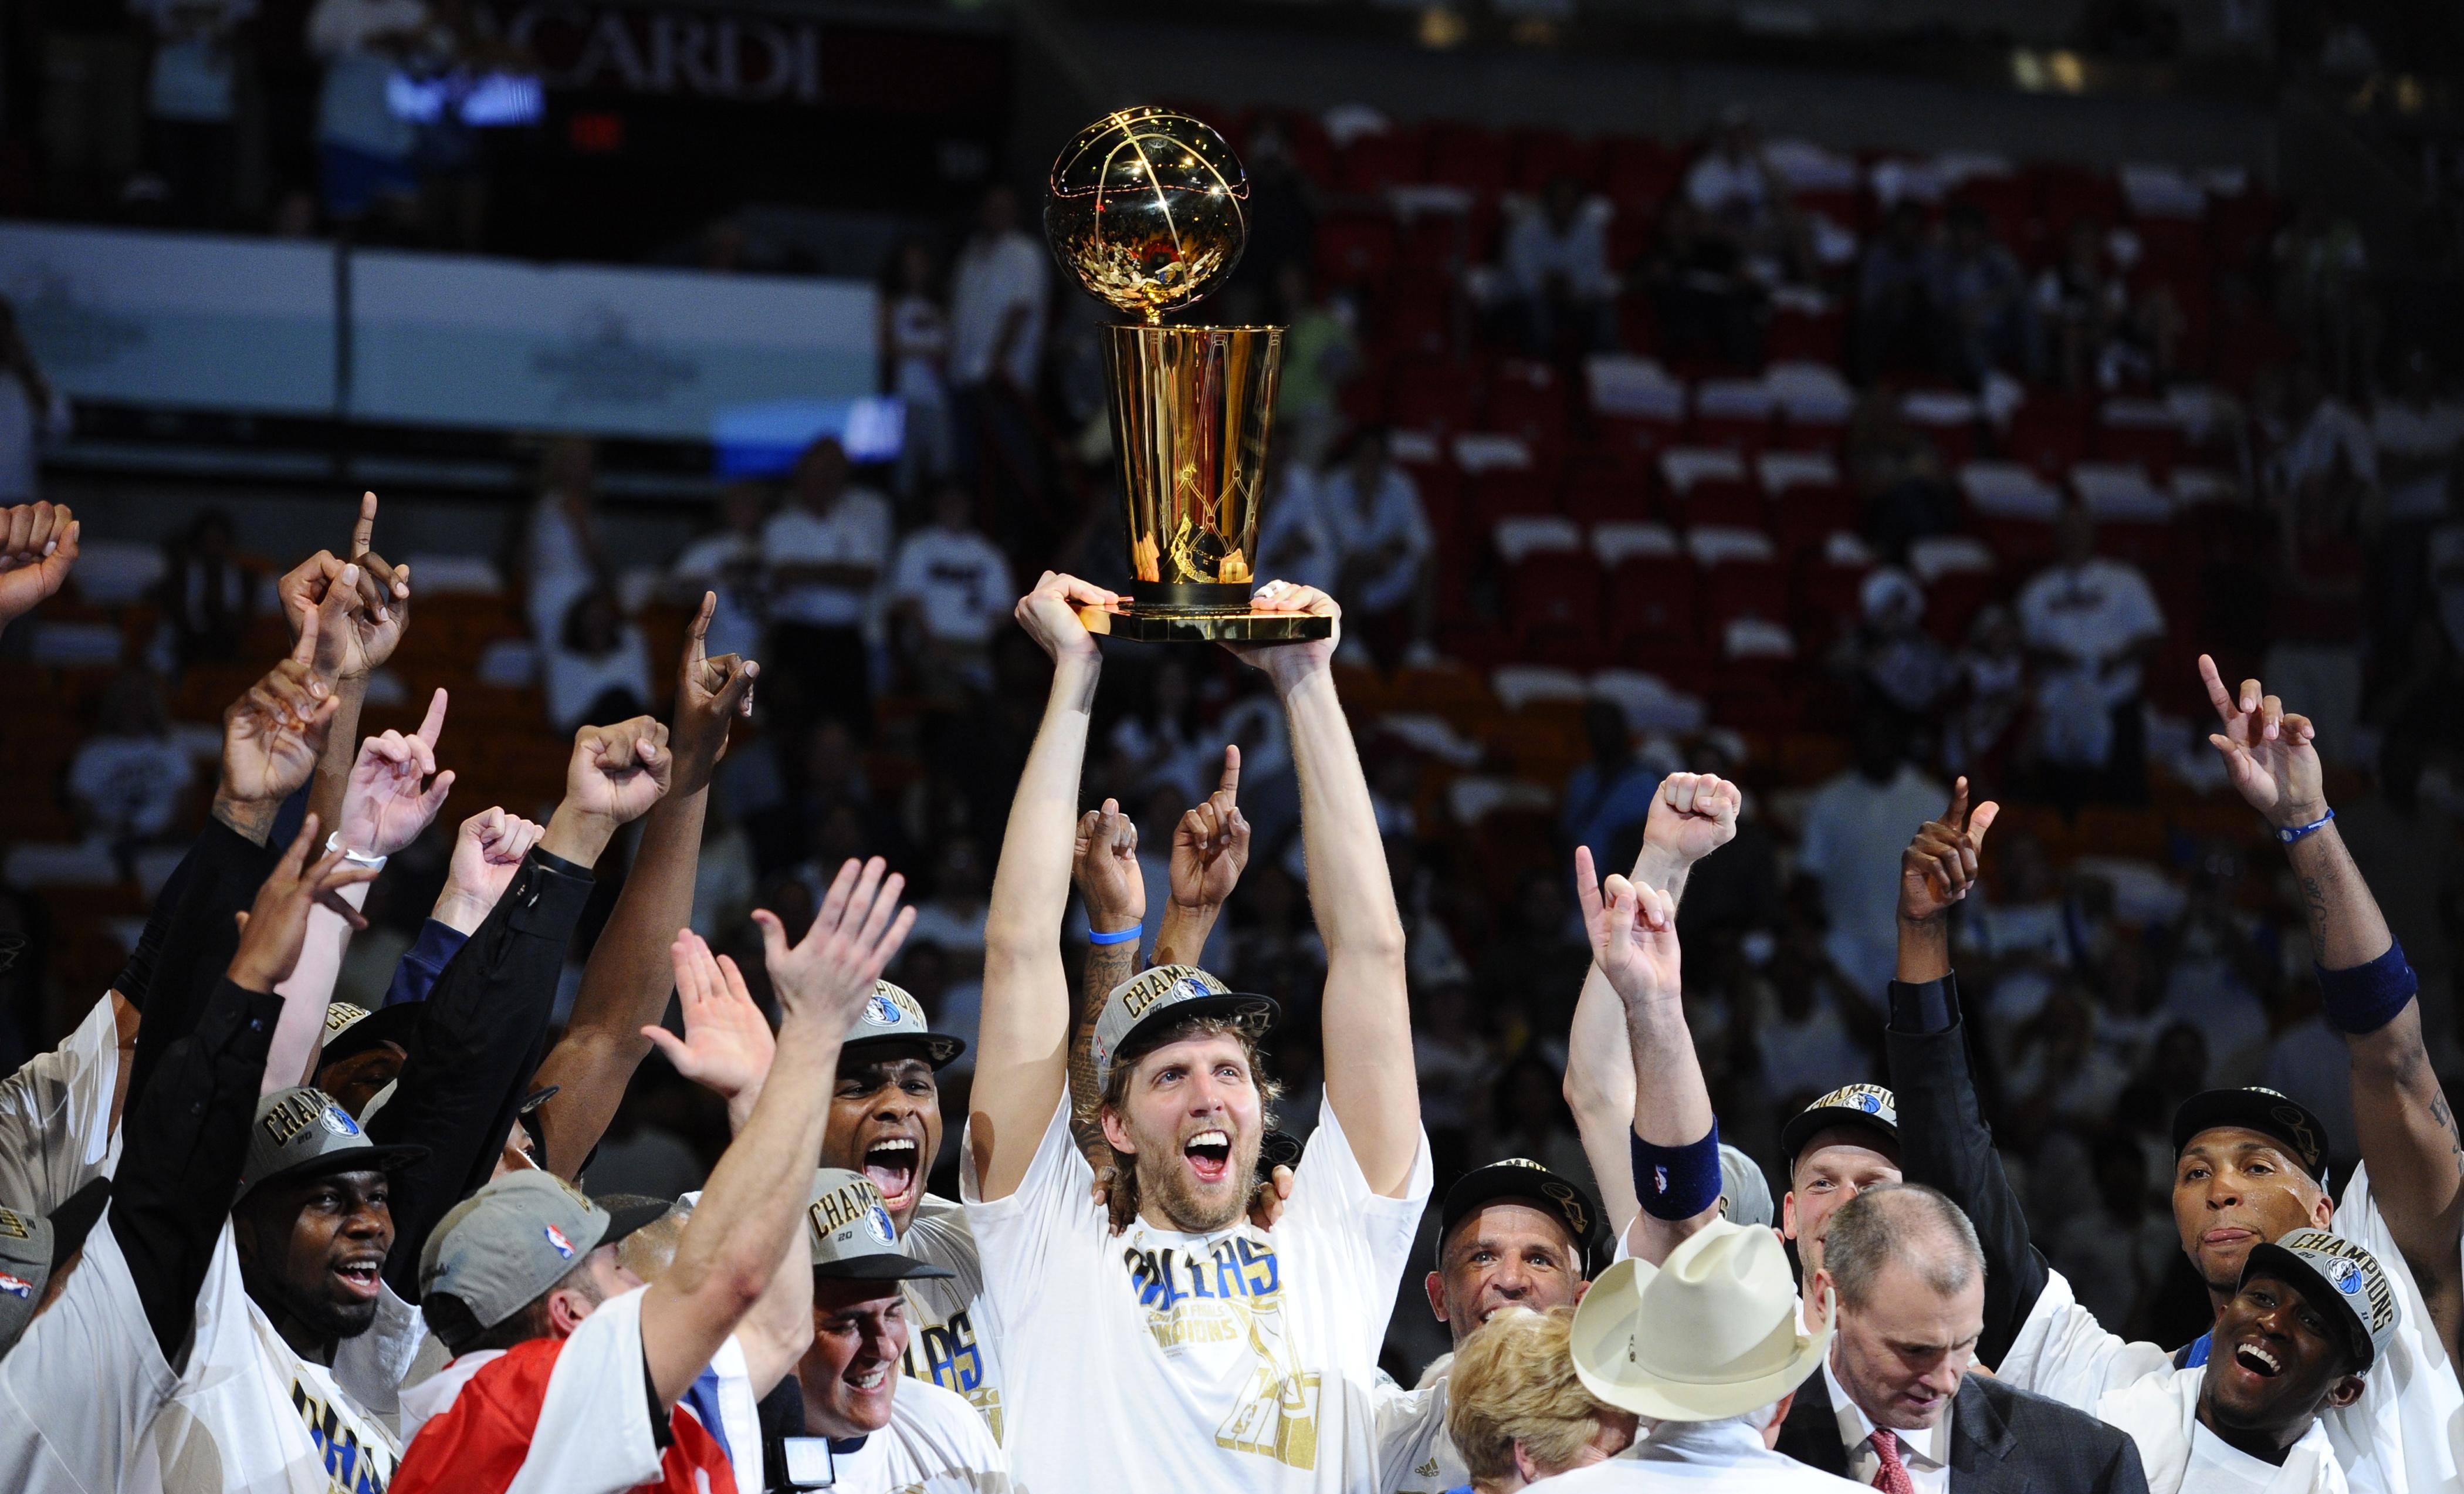 在美国迈阿密进行的NBA总决赛第六场比赛中,客场作战的达拉斯小牛队以105:95击败迈阿密热火队,从而以总比分4:2首次夺得NBA总冠军。图为小牛队德国前锋德·诺维茨基(中)高举冠军奖杯与队友一同庆祝胜利。 新华社外代图片 北京 2011年06月14日 新华社/EPA欧新